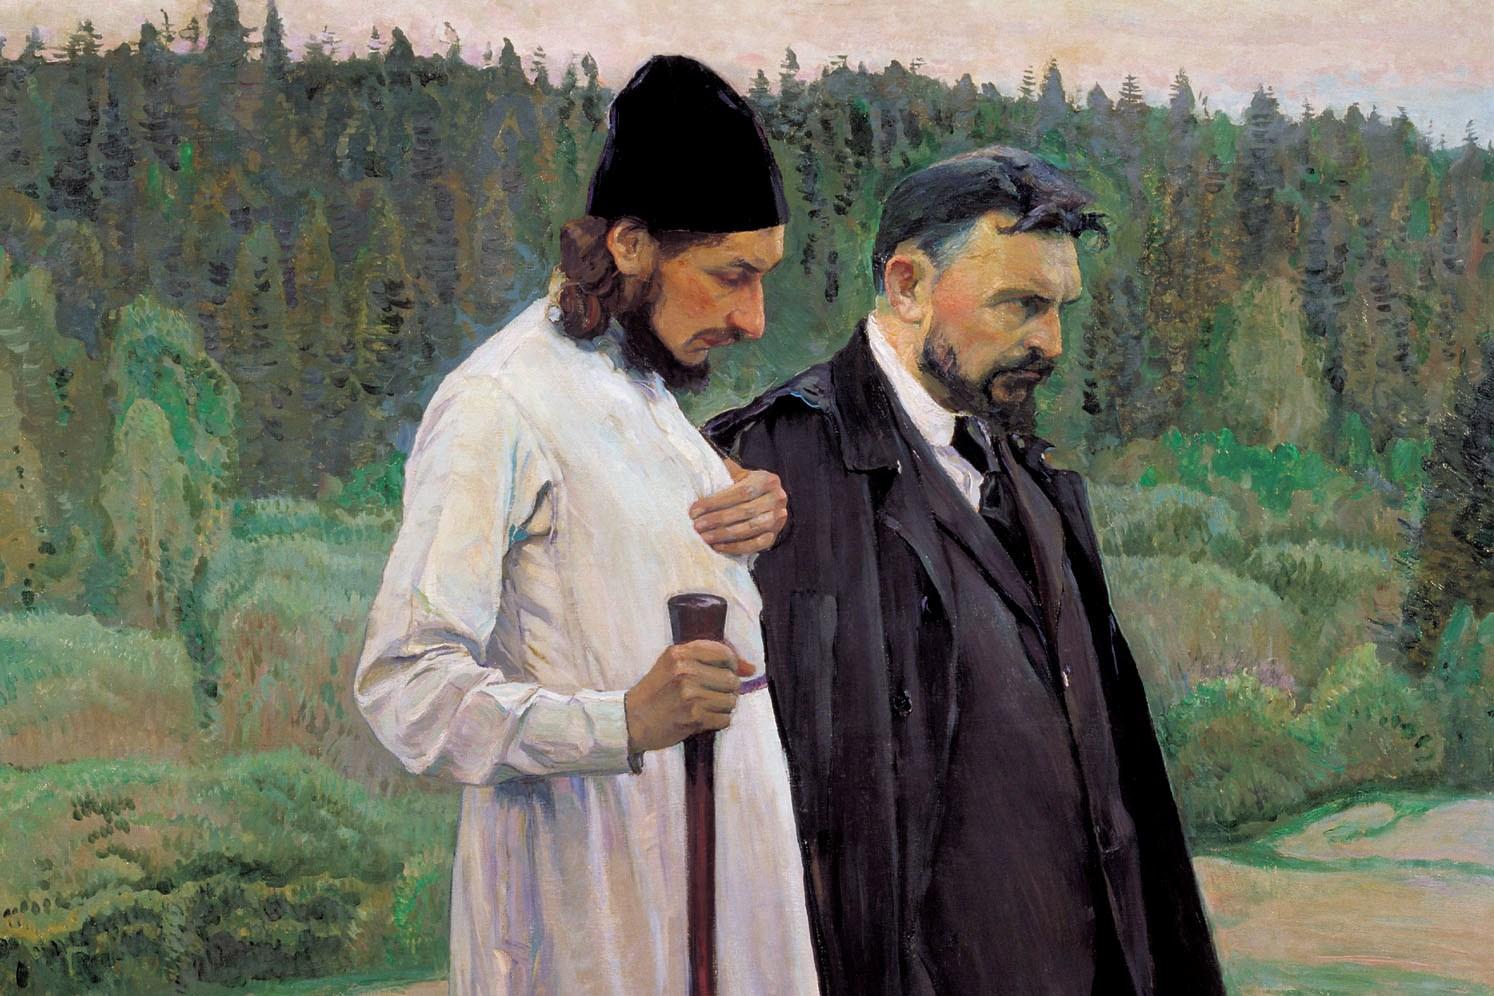 Православные и католики в старой и новой Европе